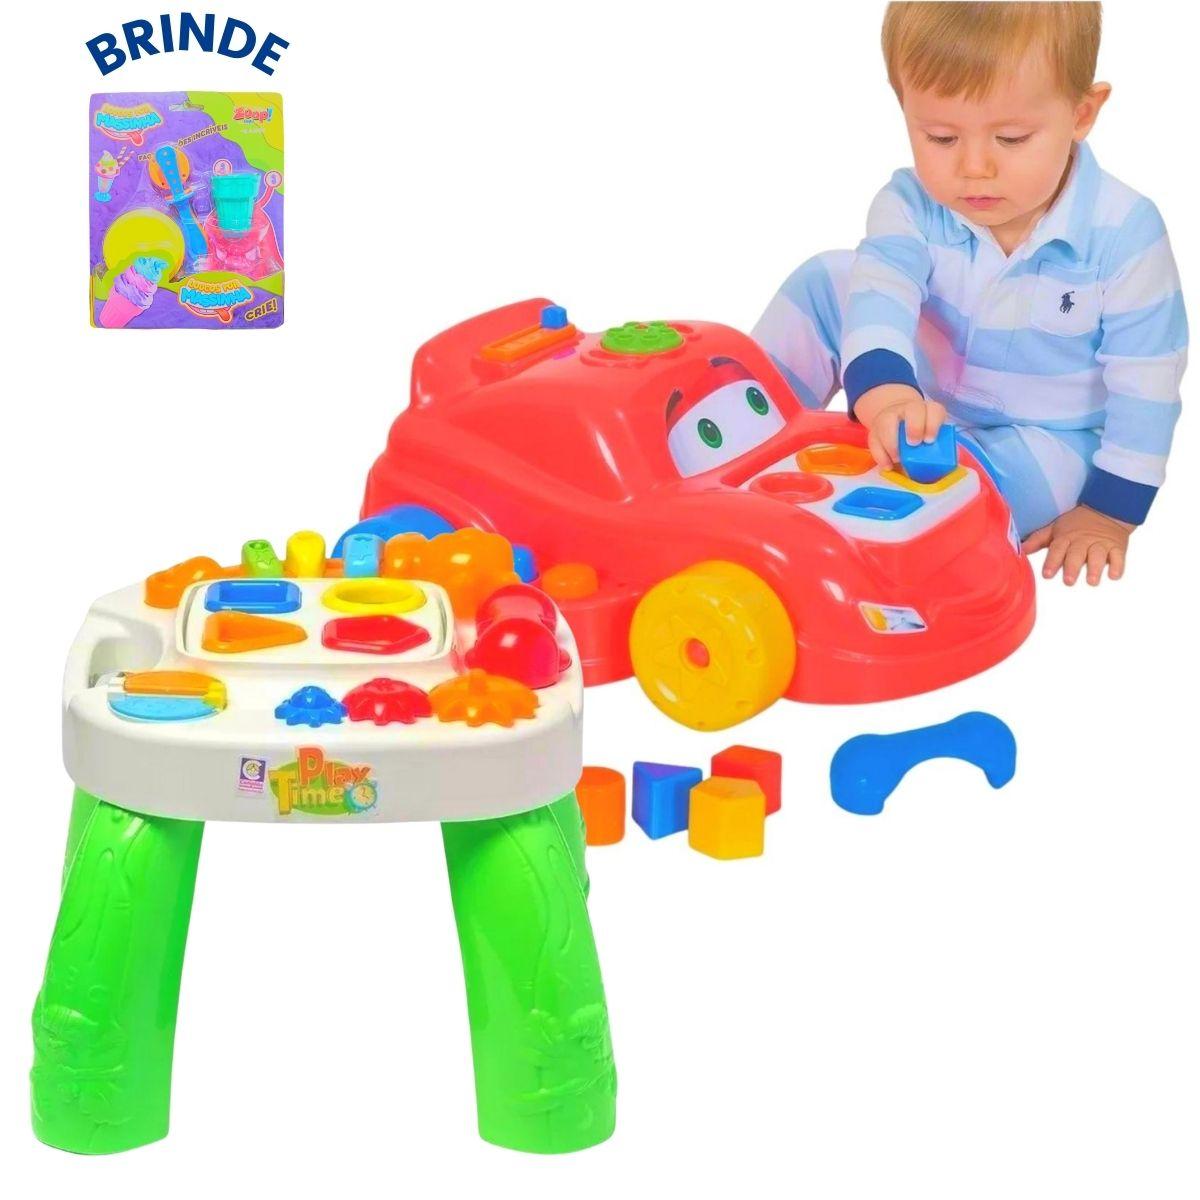 Brinquedos Educativos Cotiplás Infantis + Brinde Massinha